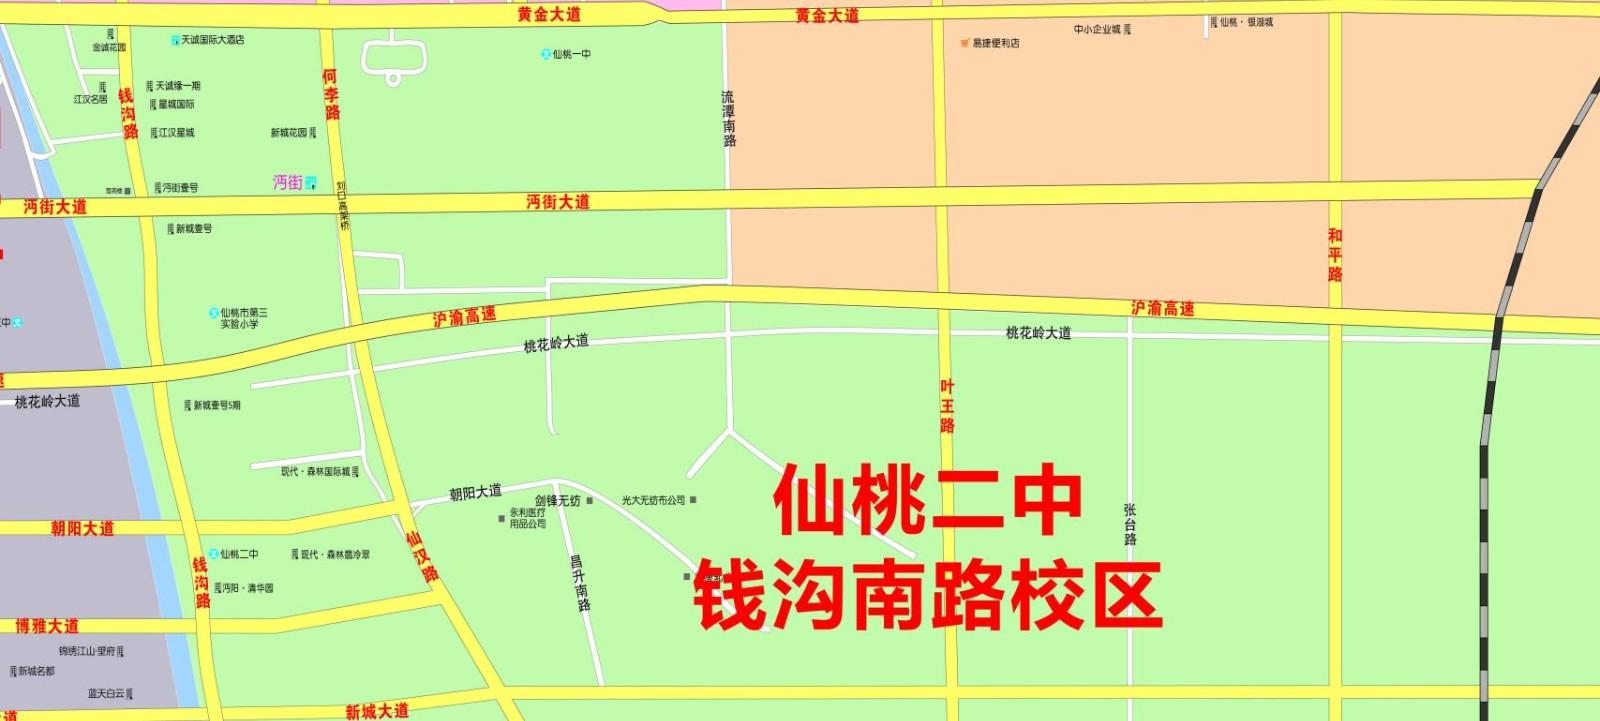 仙桃二中钱沟南路校区.jpg